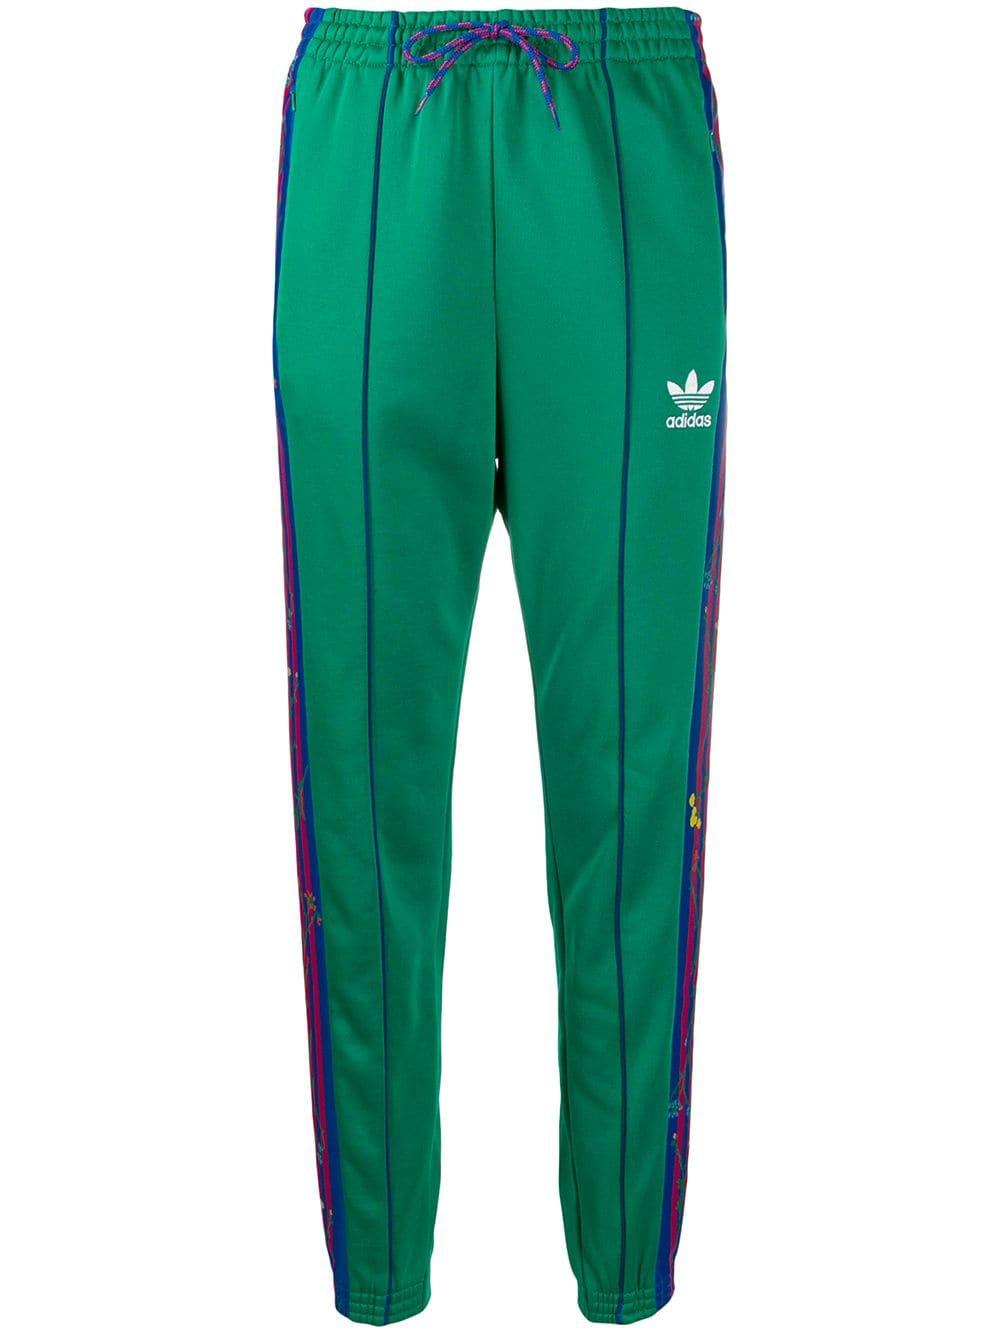 Adidas Calça Esportiva Floral - Farfetch